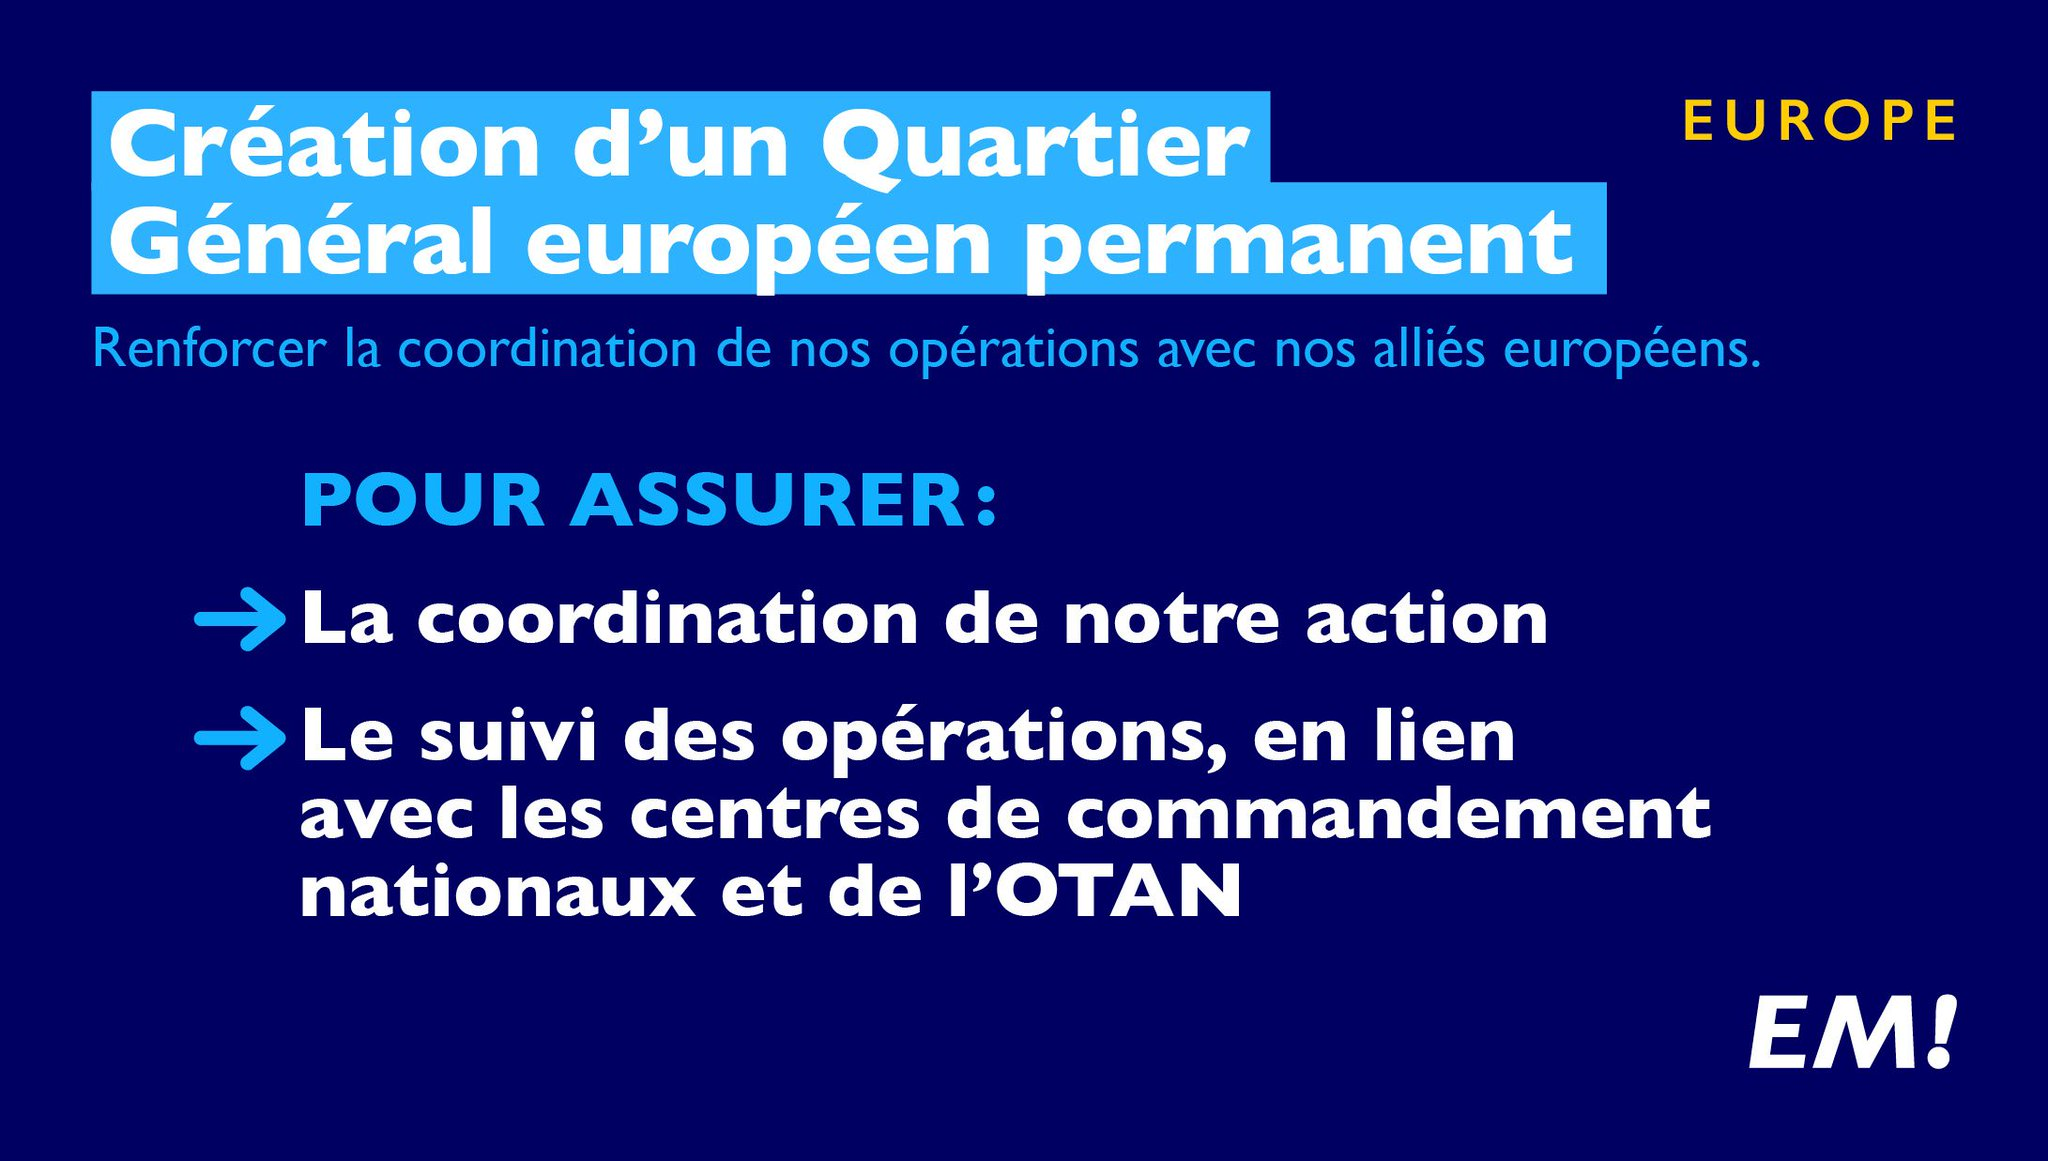 Mon ambition sera de faire émerger une réelle autonomie stratégique au niveau européen. #MacronDéfense https://t.co/mhASE7FAe8